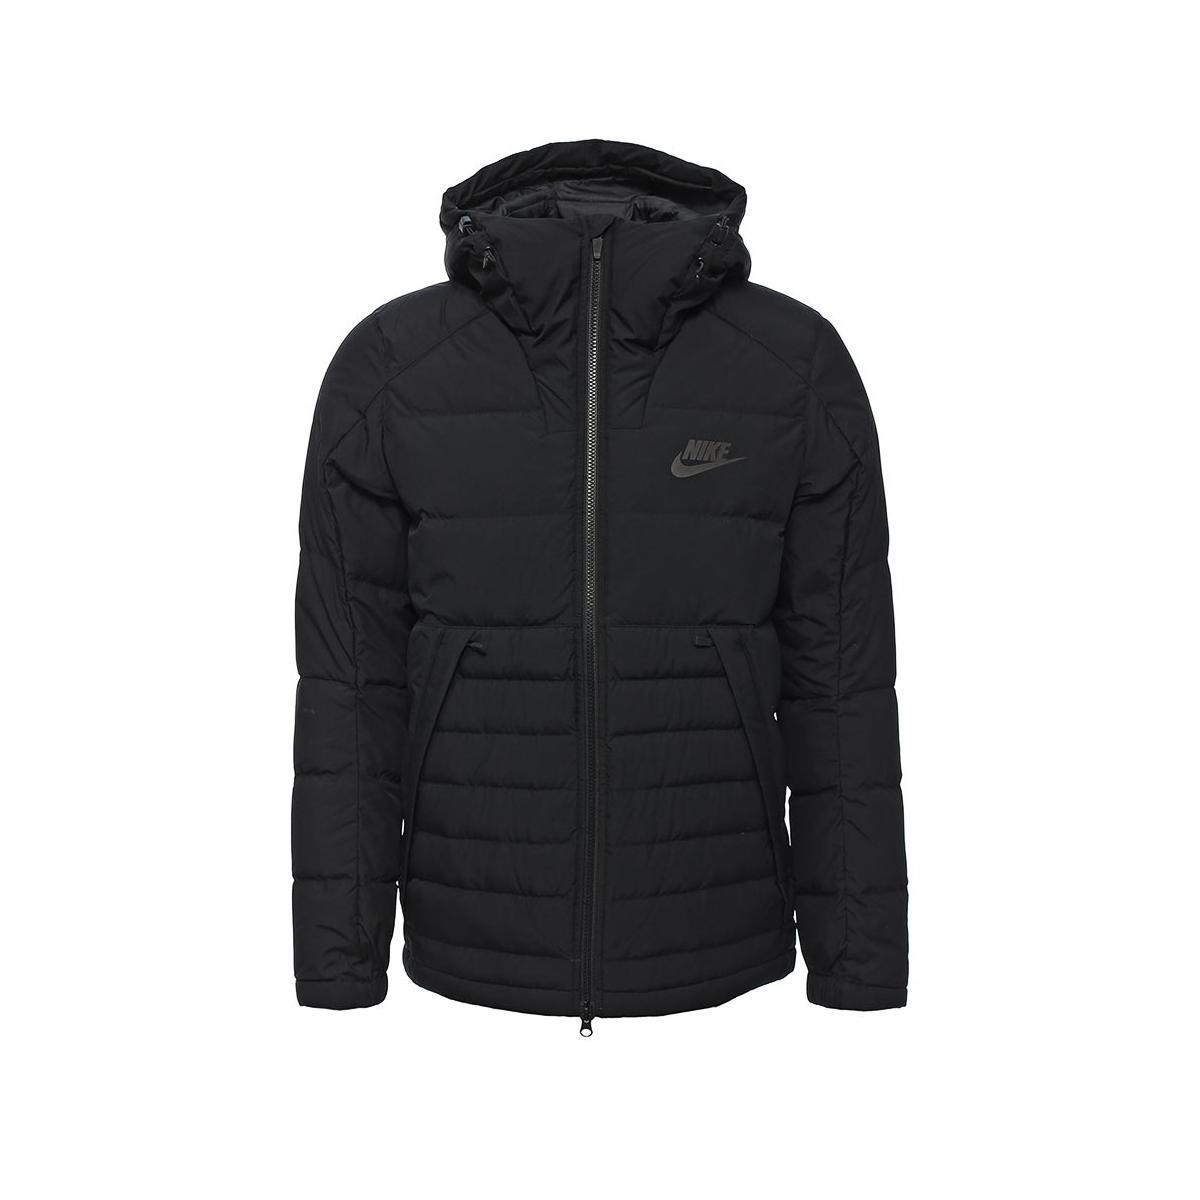 edef5ad4310a4 kurtka Nike Sportswear Jacket 806855 010 wyprzedaż